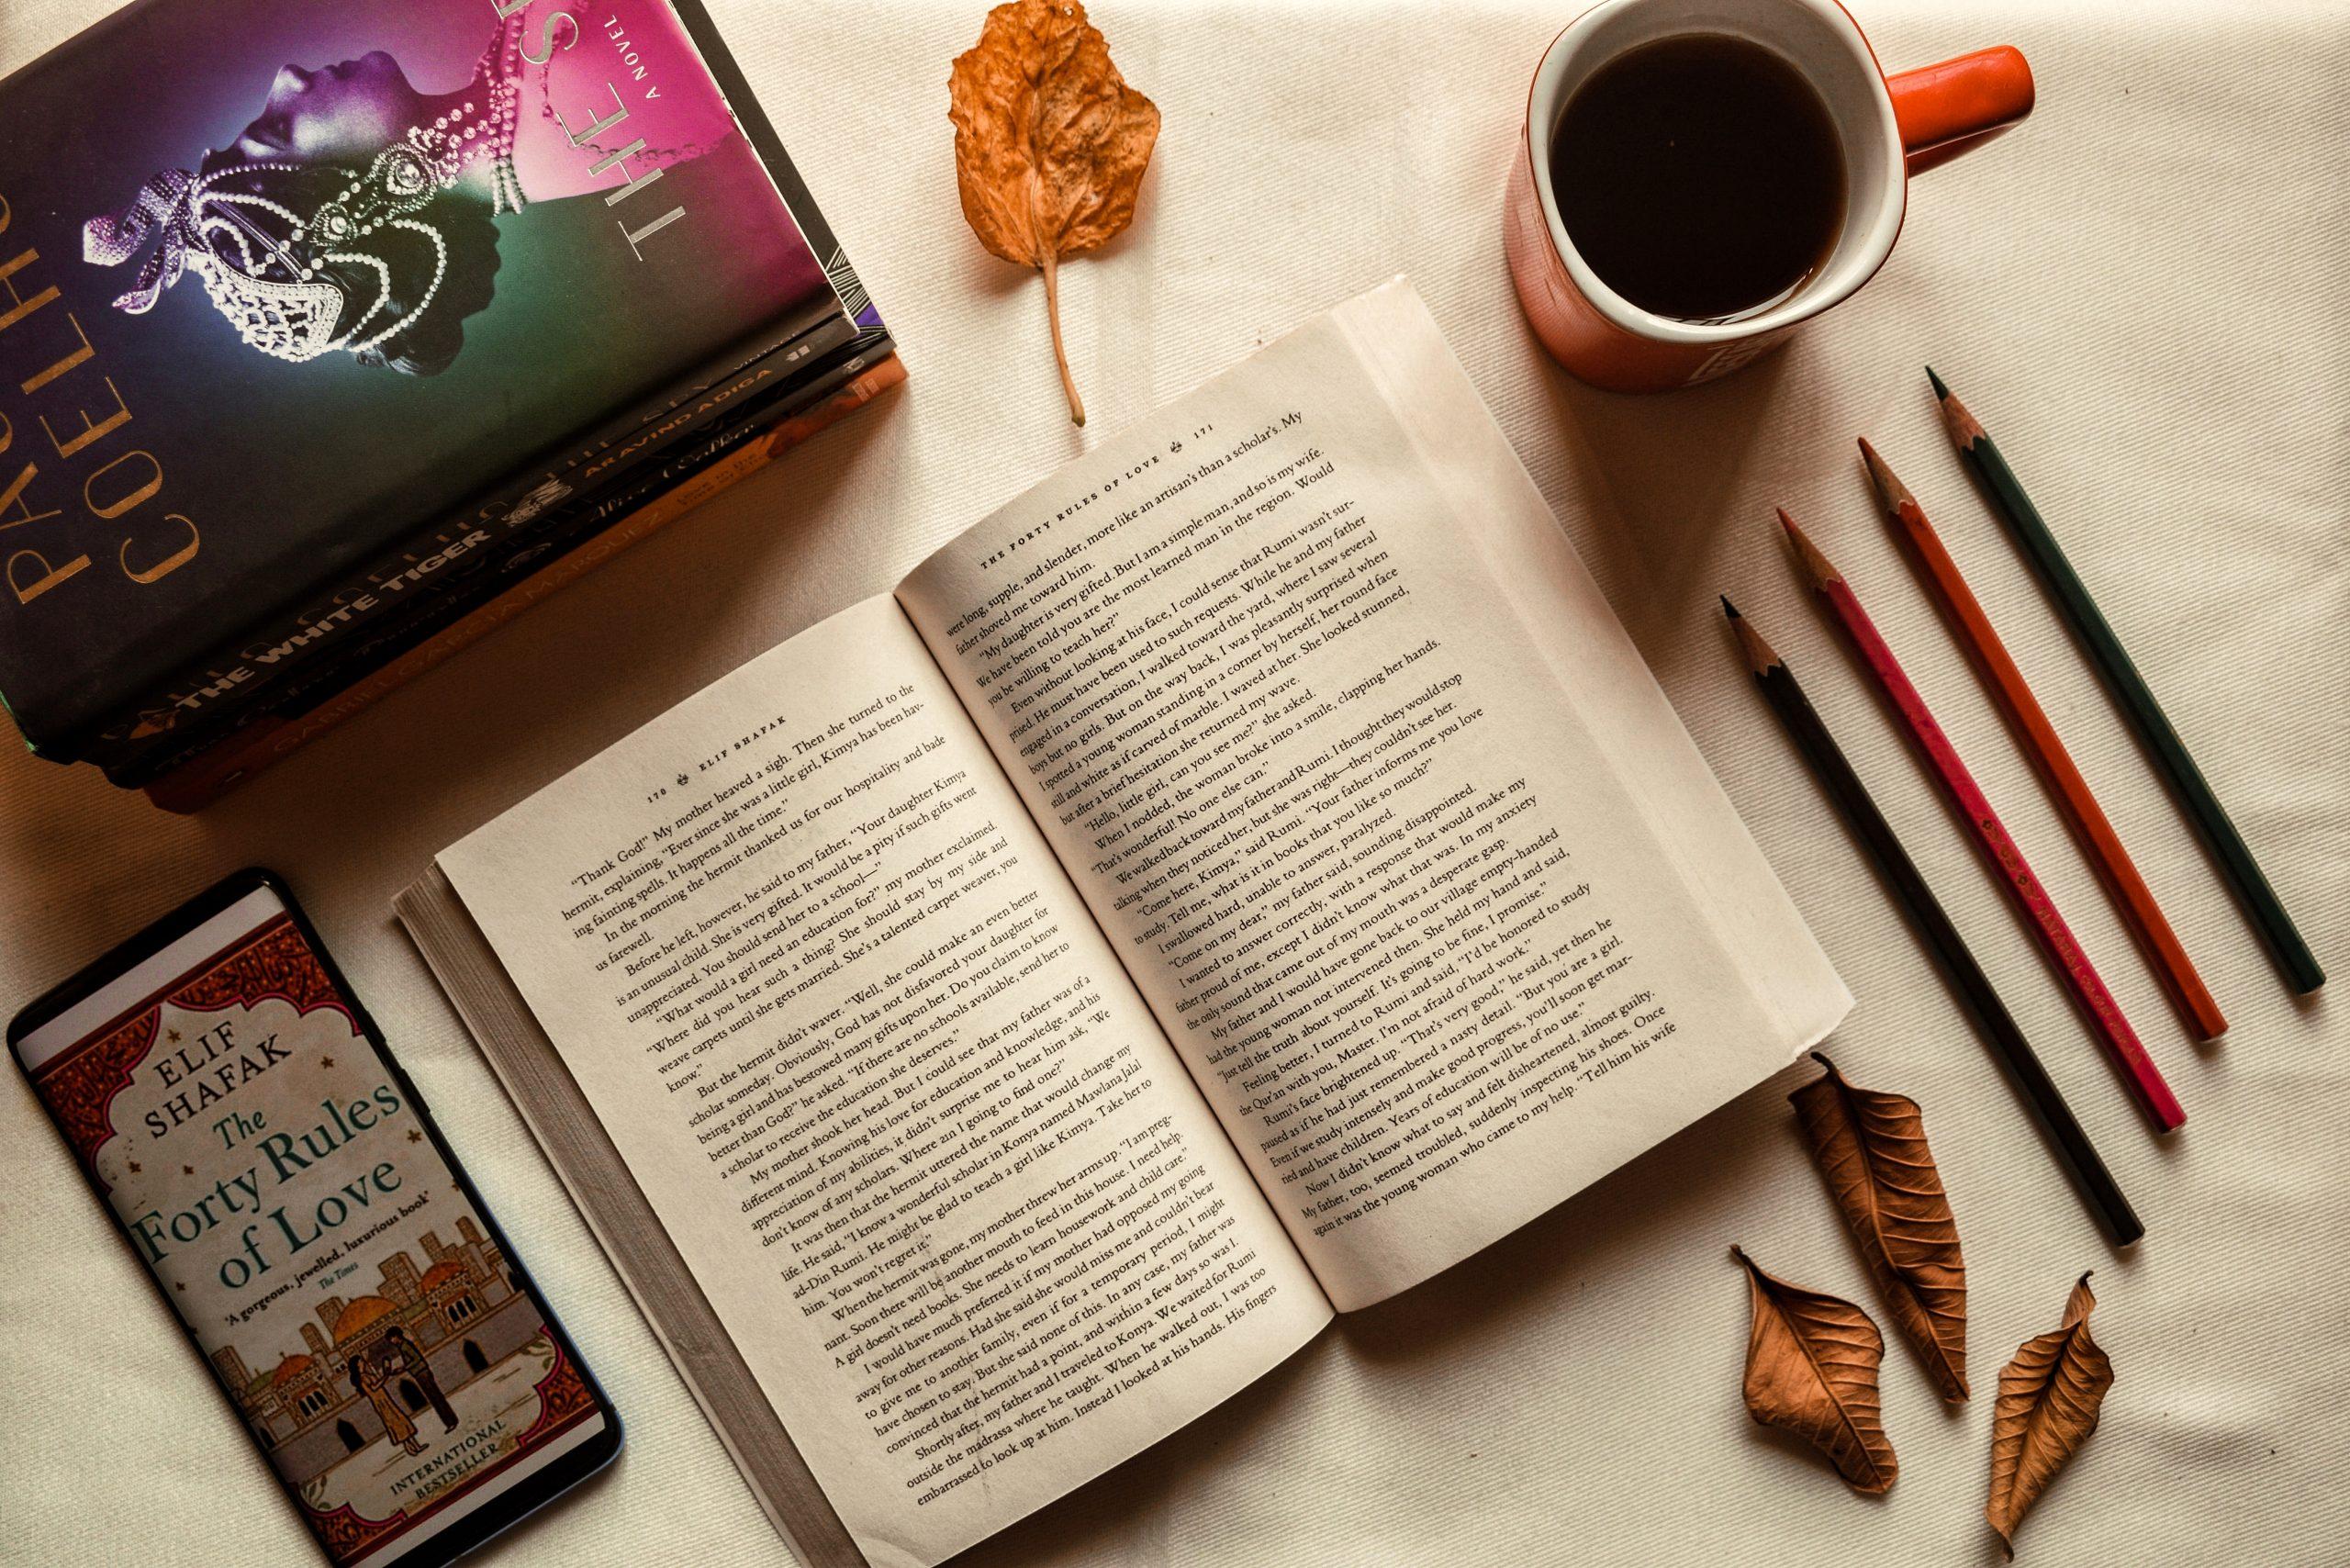 books, pencils, coffee mug, dried leaves